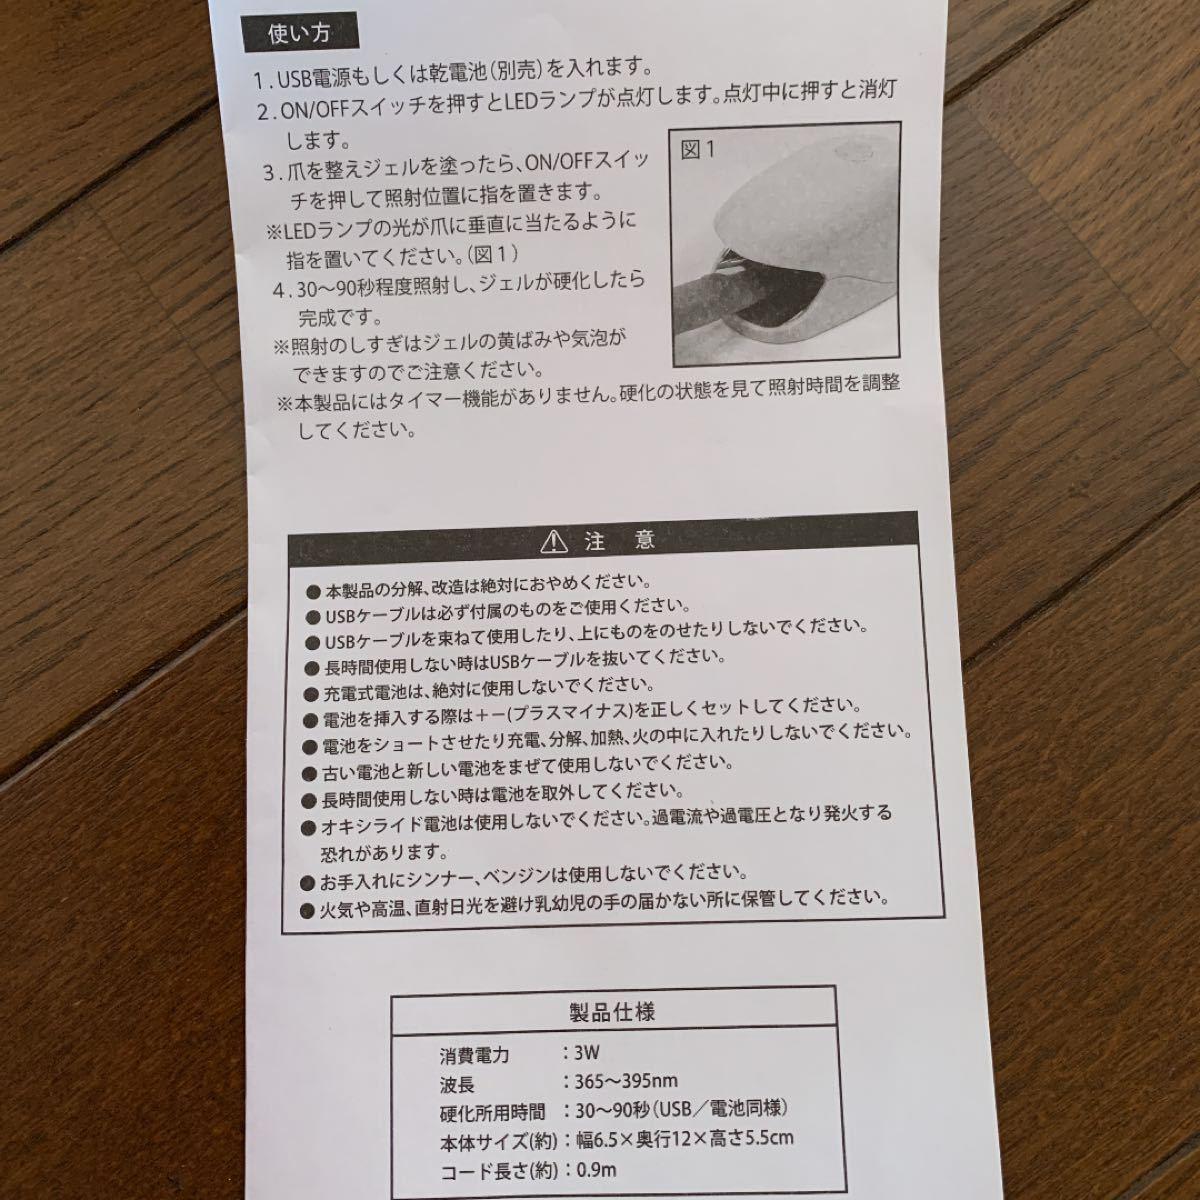 ジェルネイルLEDライト 簡単にネイルアート 新品 USBケーブル付き コンパクト 美容